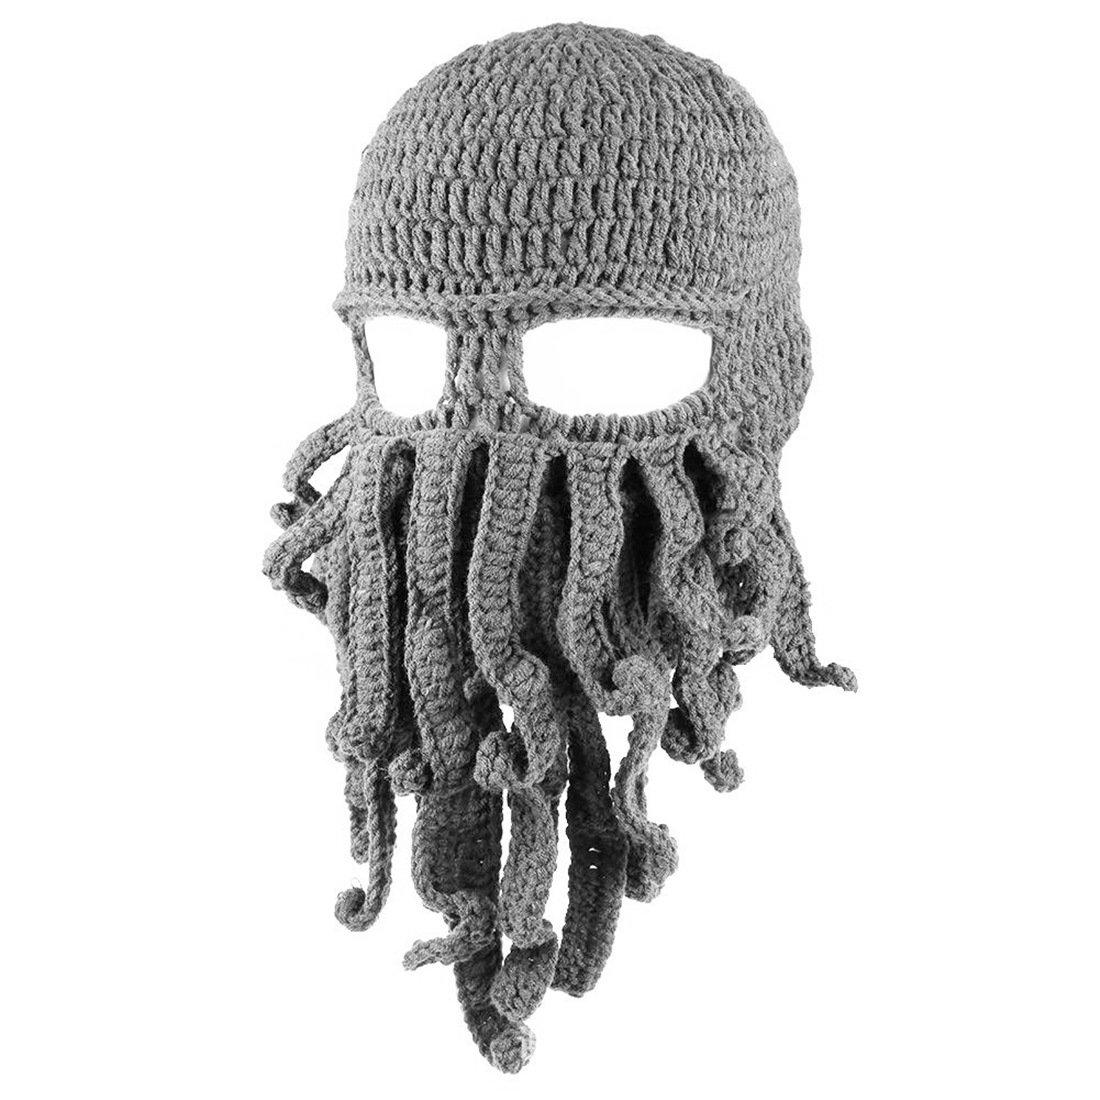 Queenbox Warm Passamontagna Octopus Tentacle Mask Cappello Cappello Lavorato a Maglia Divertente Barba Maschera da Sci per Uomo Donna Regalo Cosplay